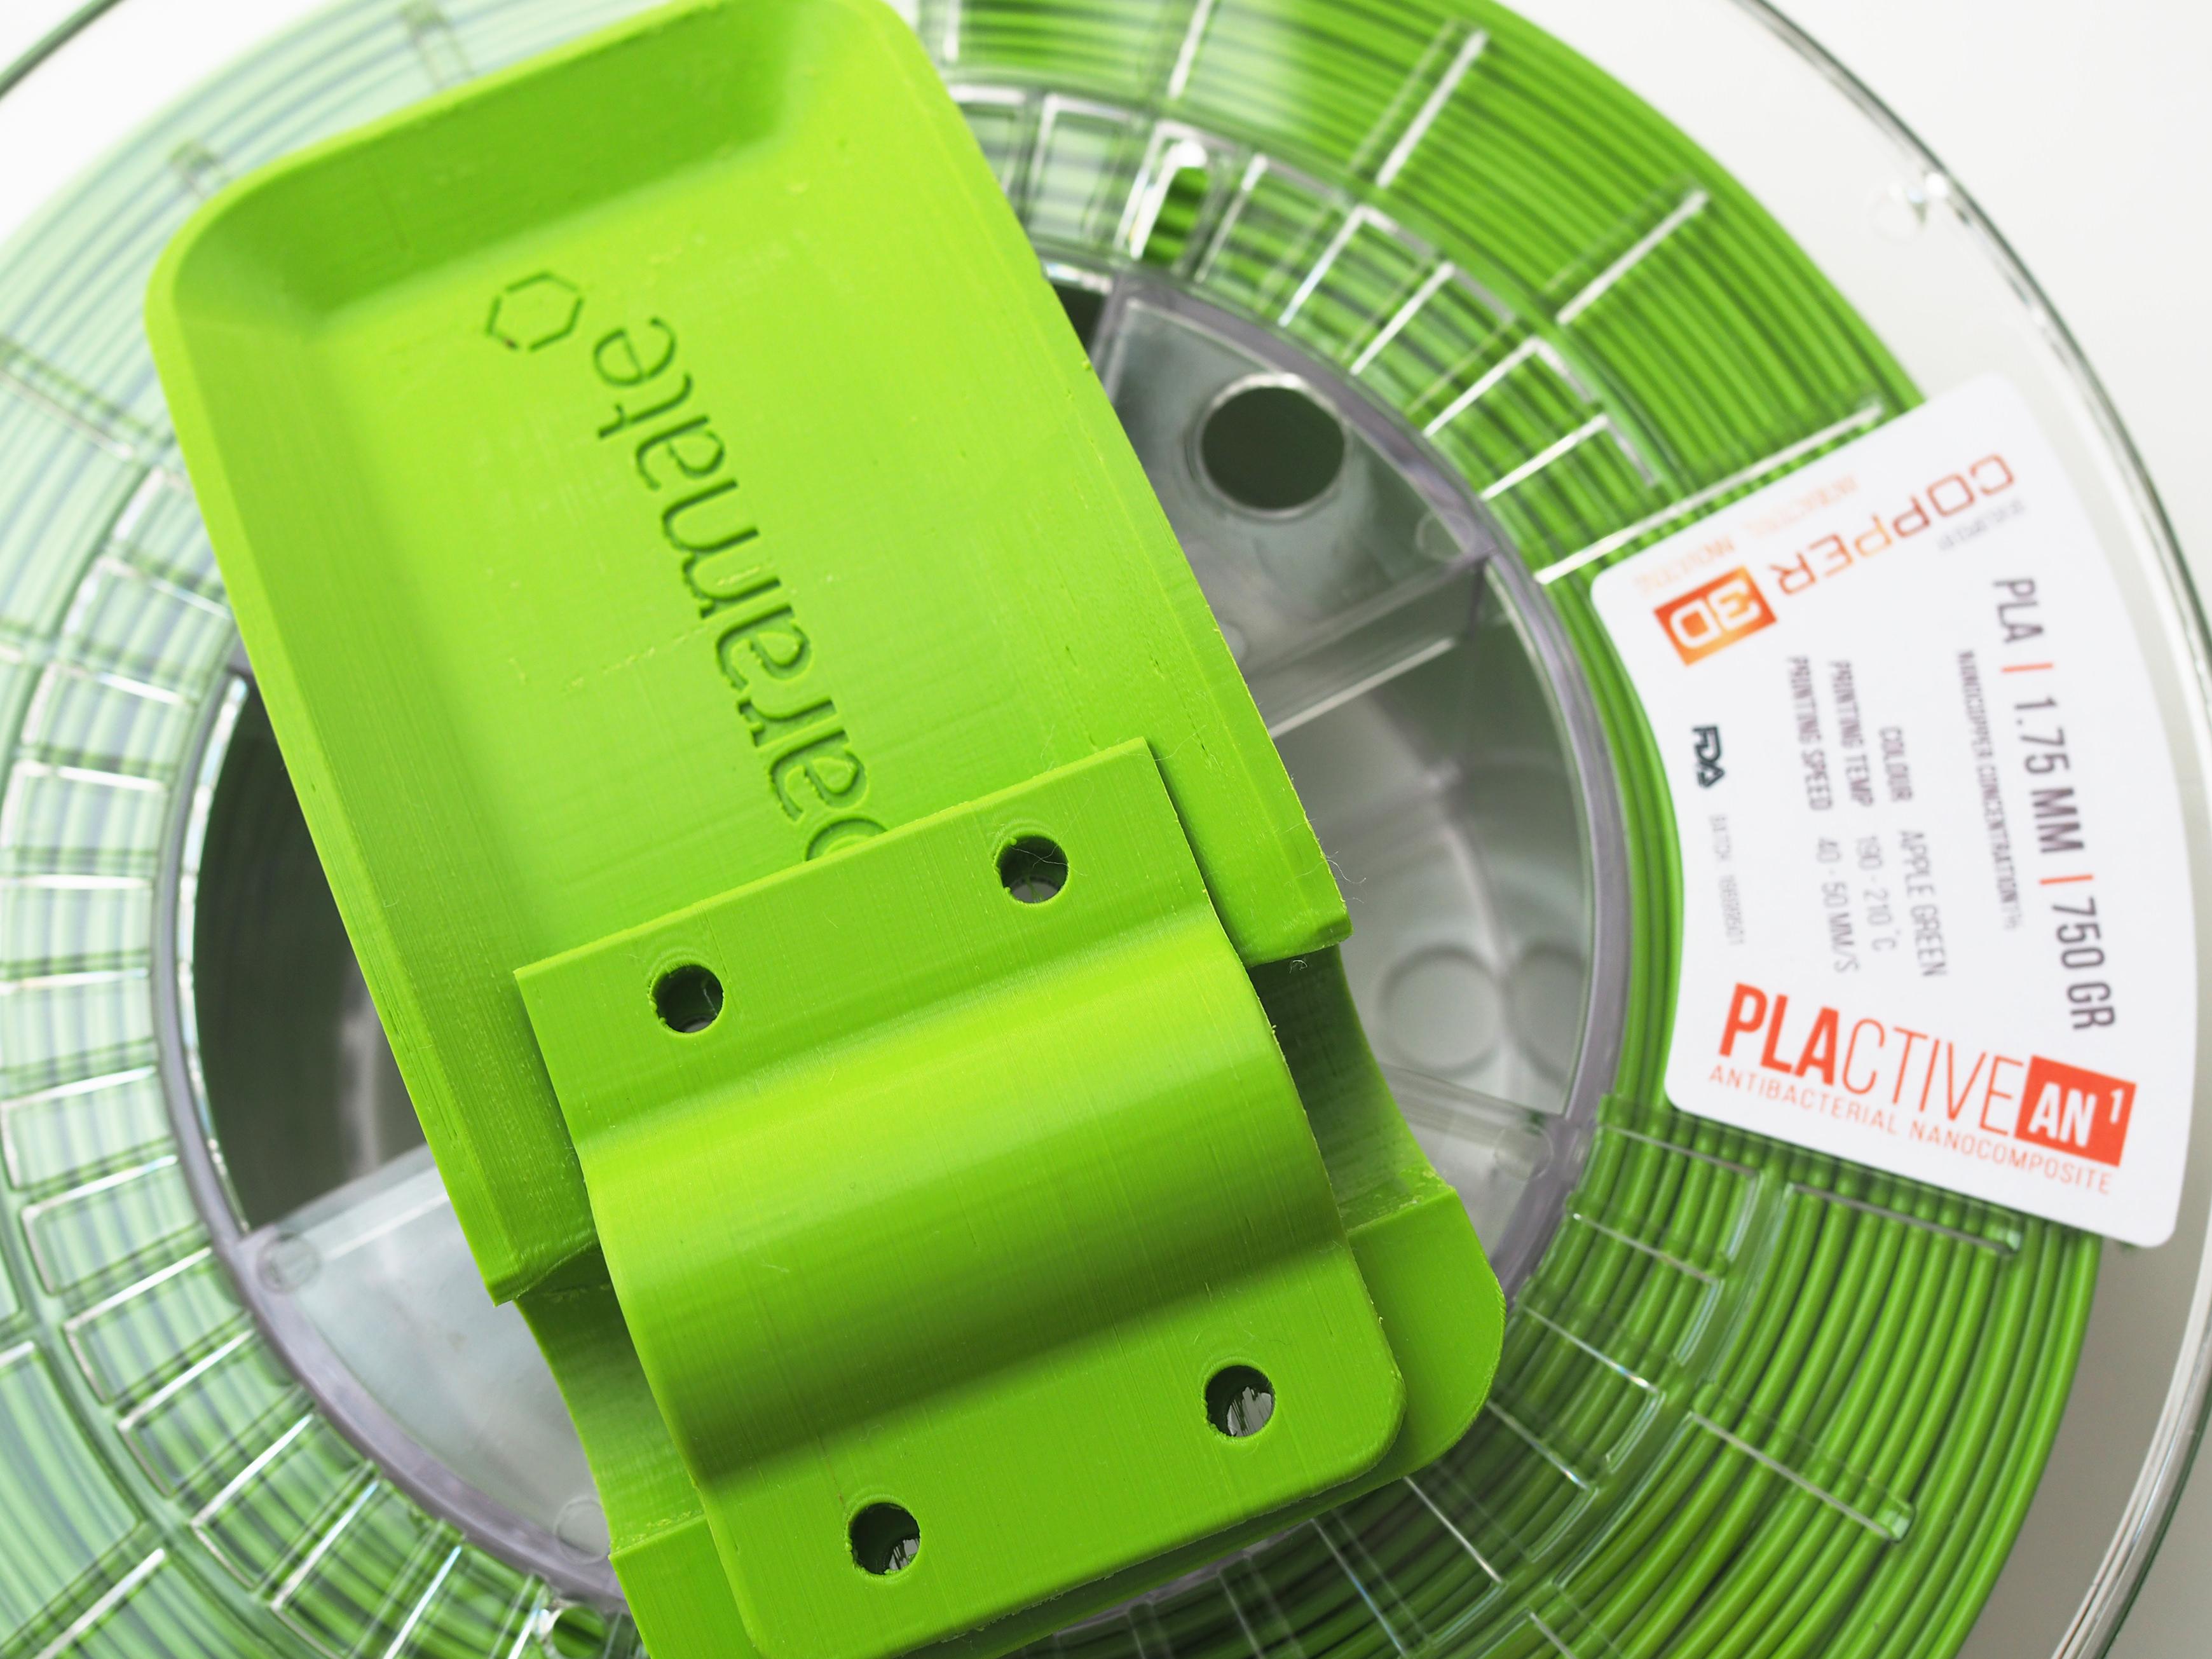 ウィルス感染防止用 3Dプリント製カスタムハンズフリー・ドアオープナーの使い方